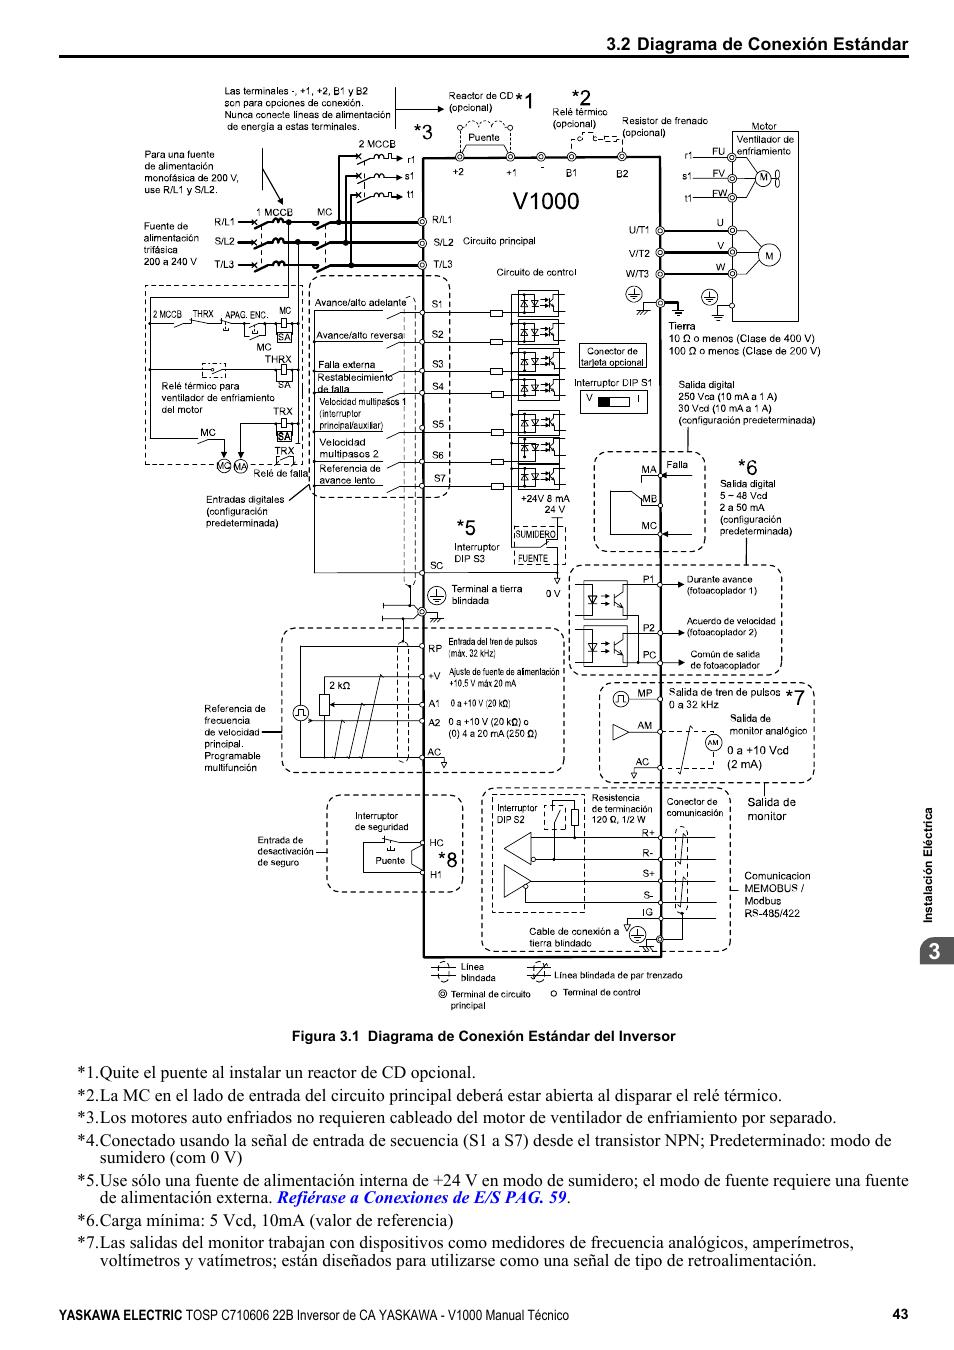 Figura 3.1, Es posible hacer funcionar el inversor